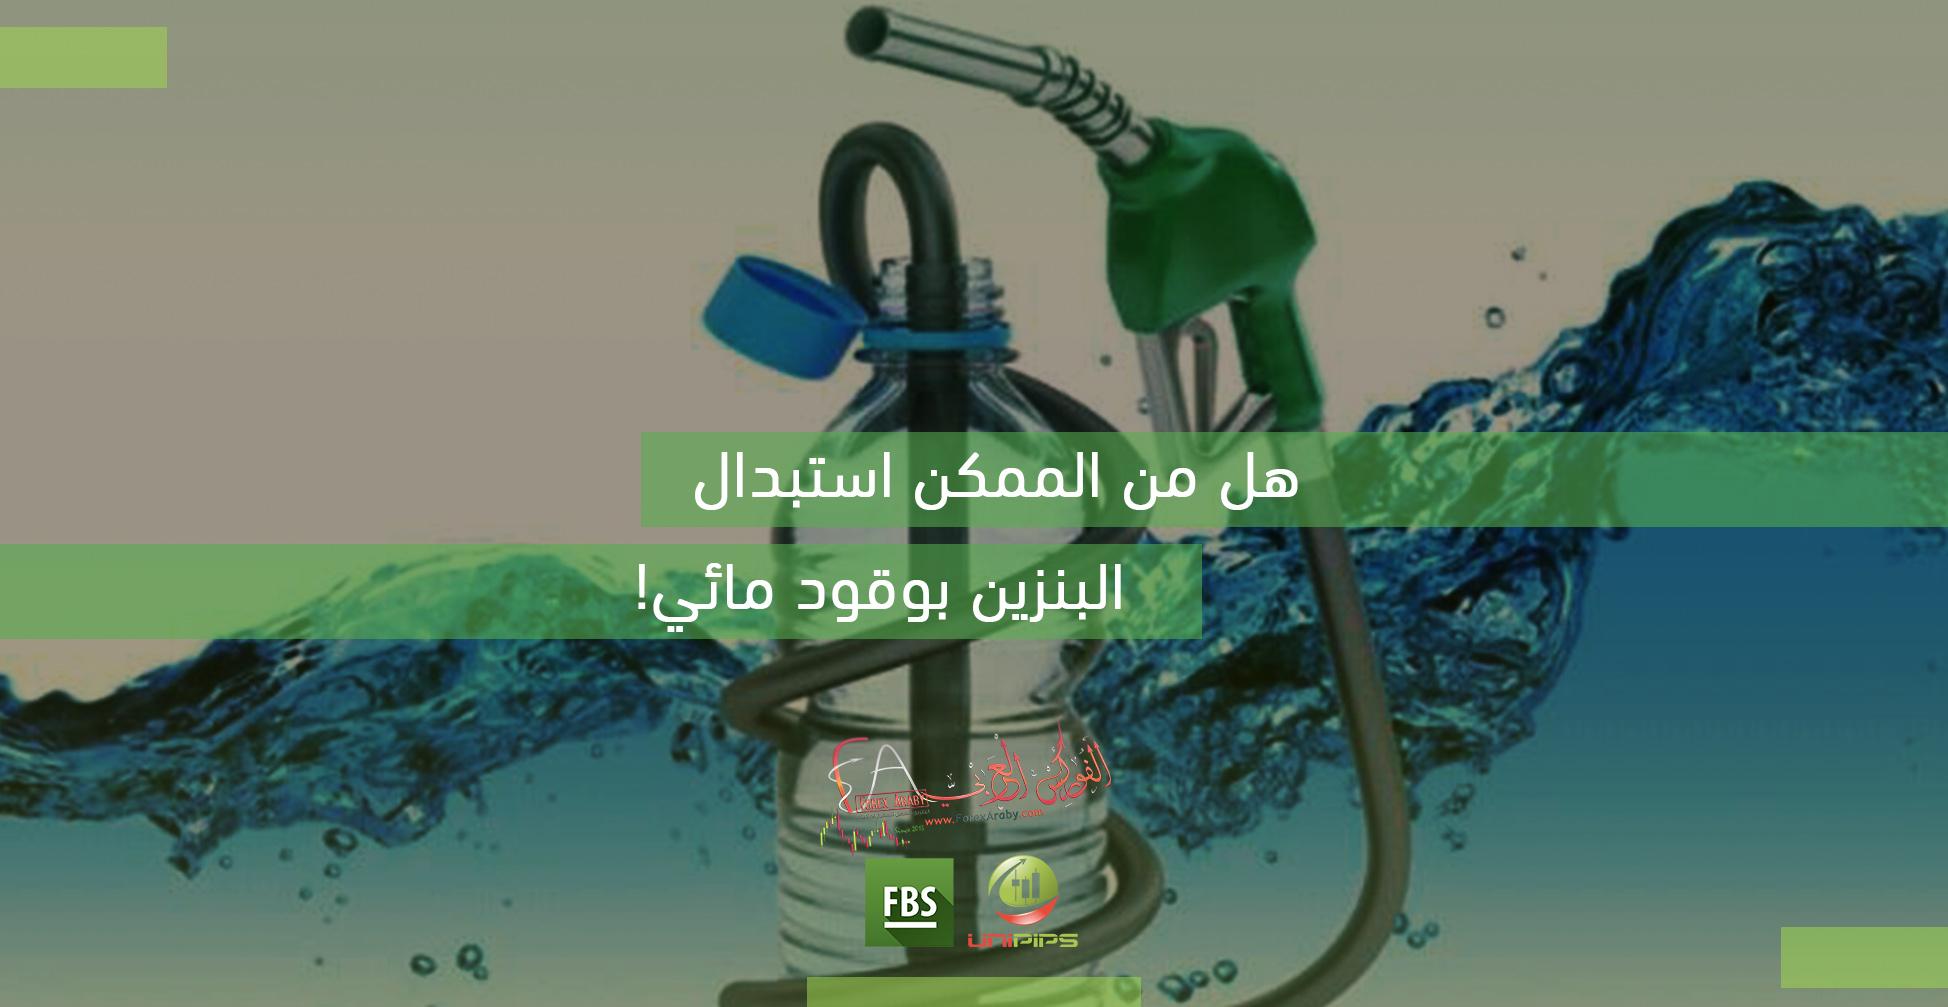 هل من الممكن استبدال البنزين بوقود مائي!